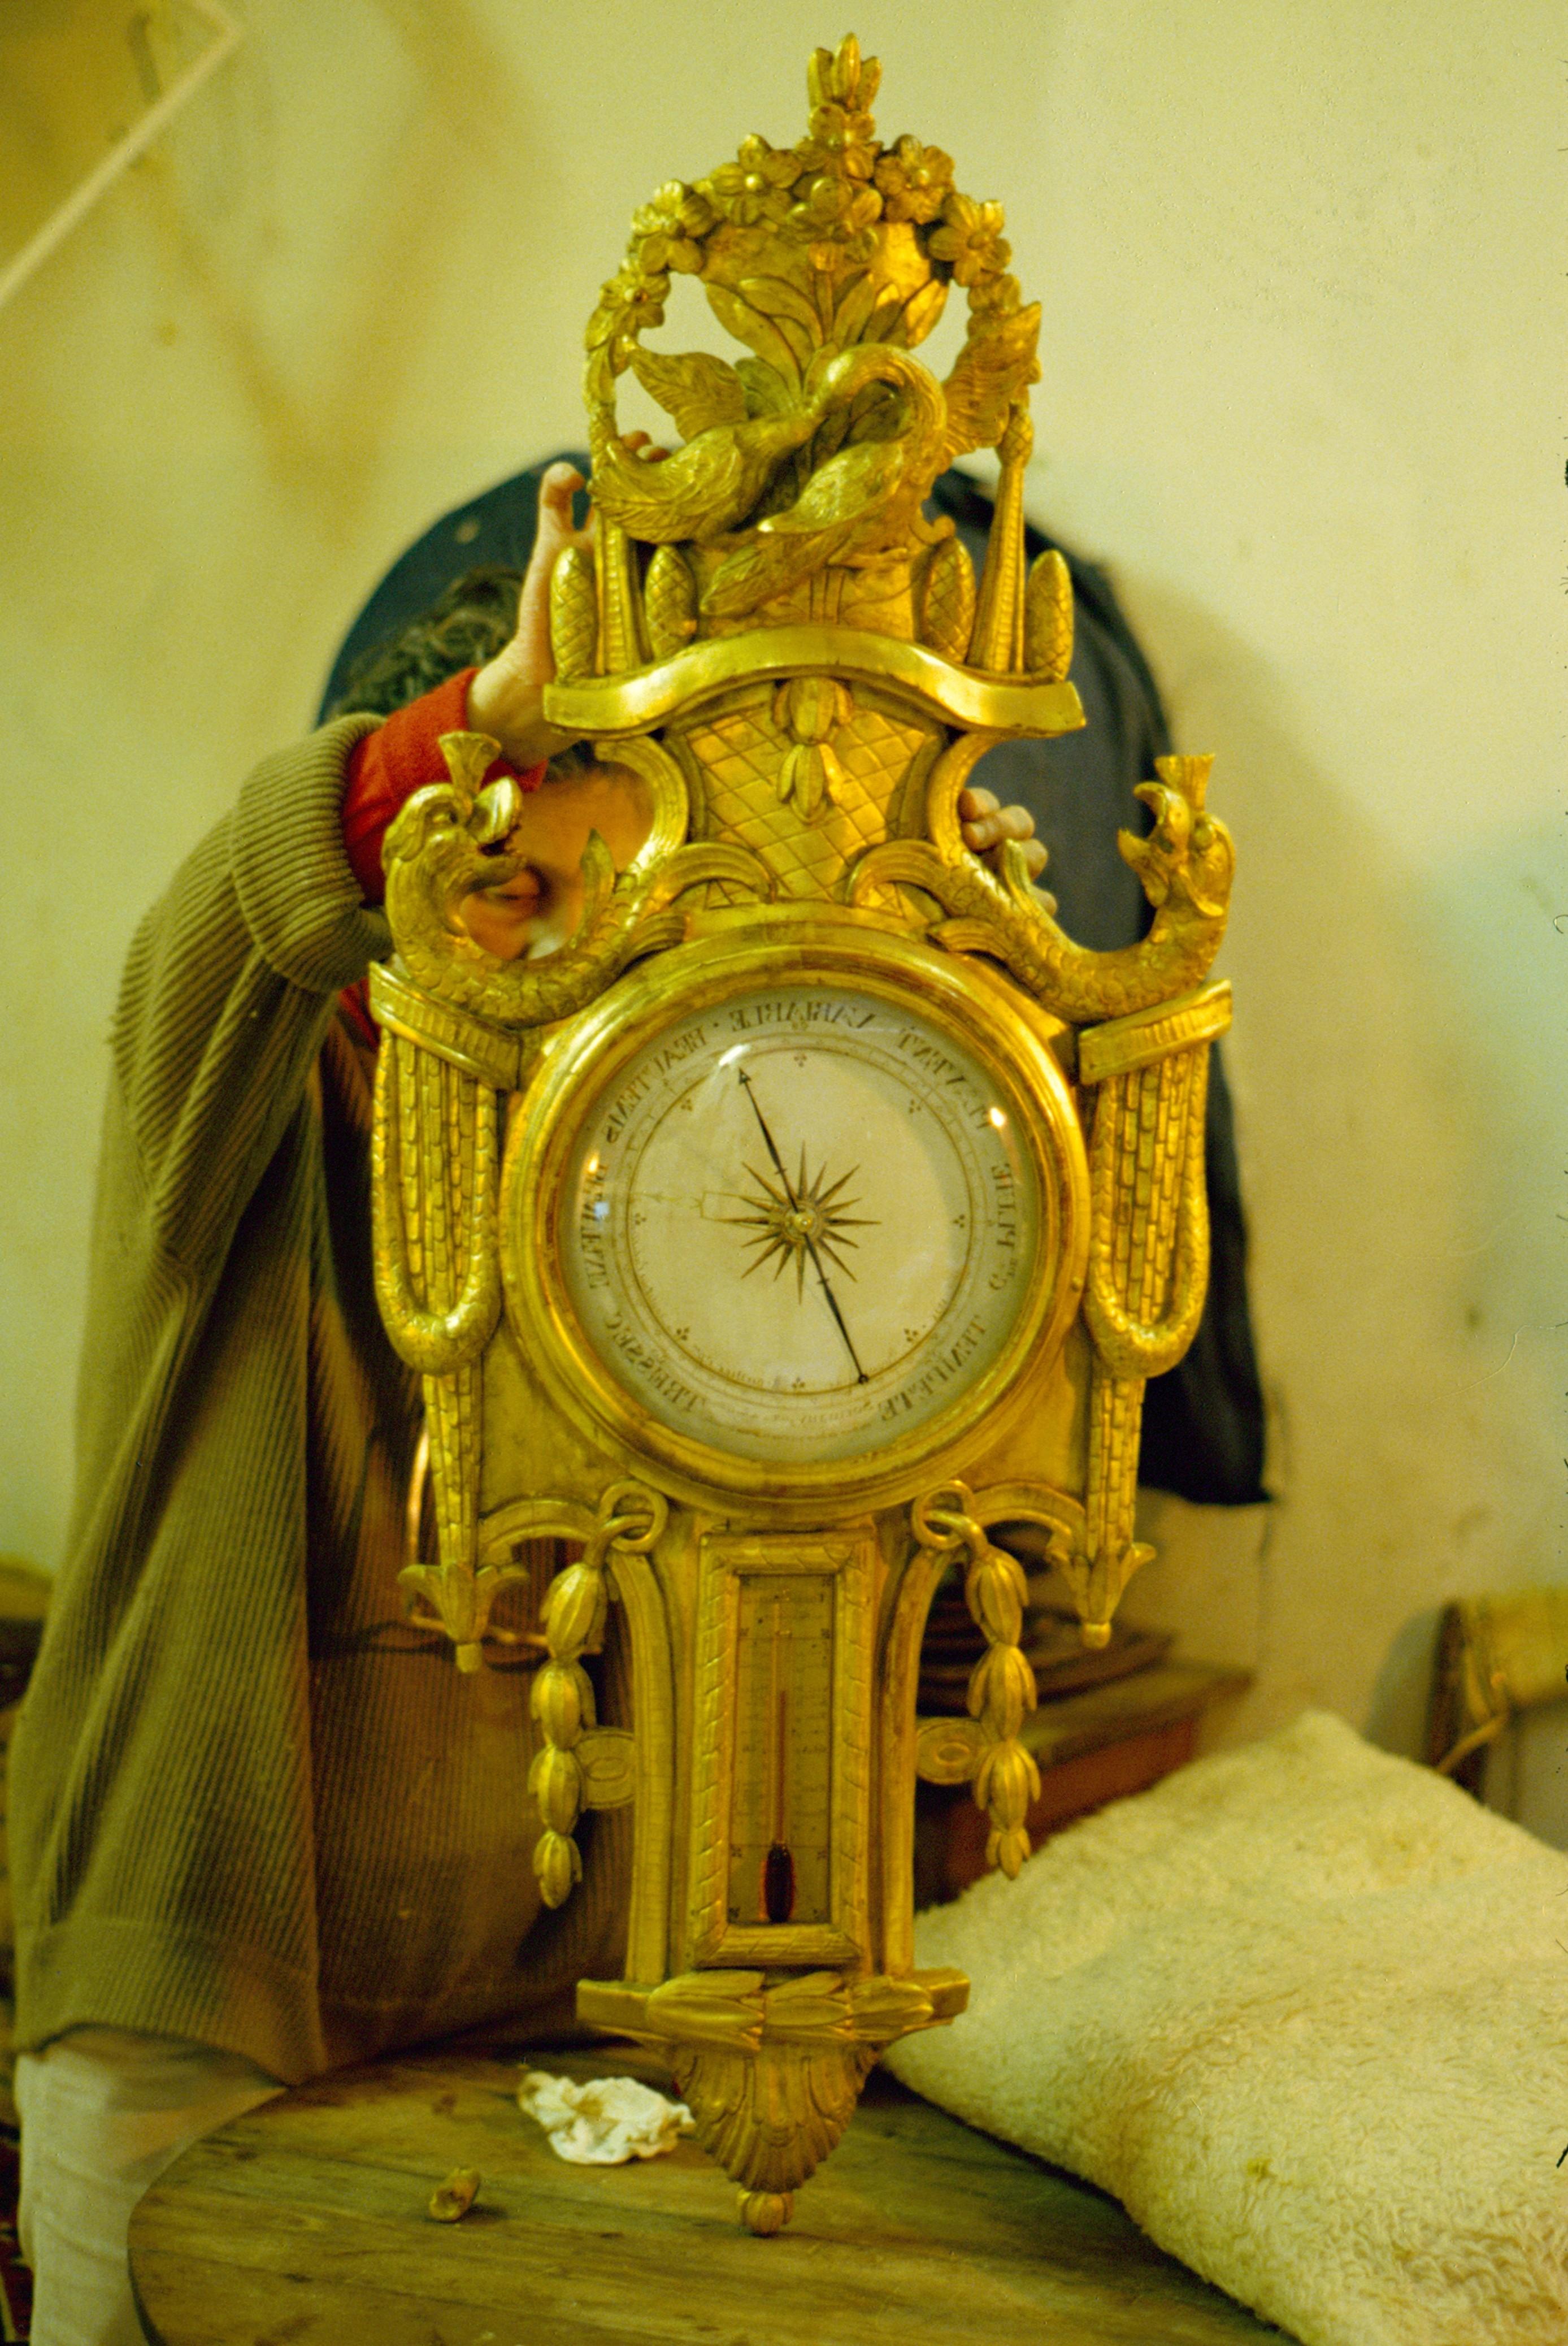 baromètre bois doré petit thermomètre